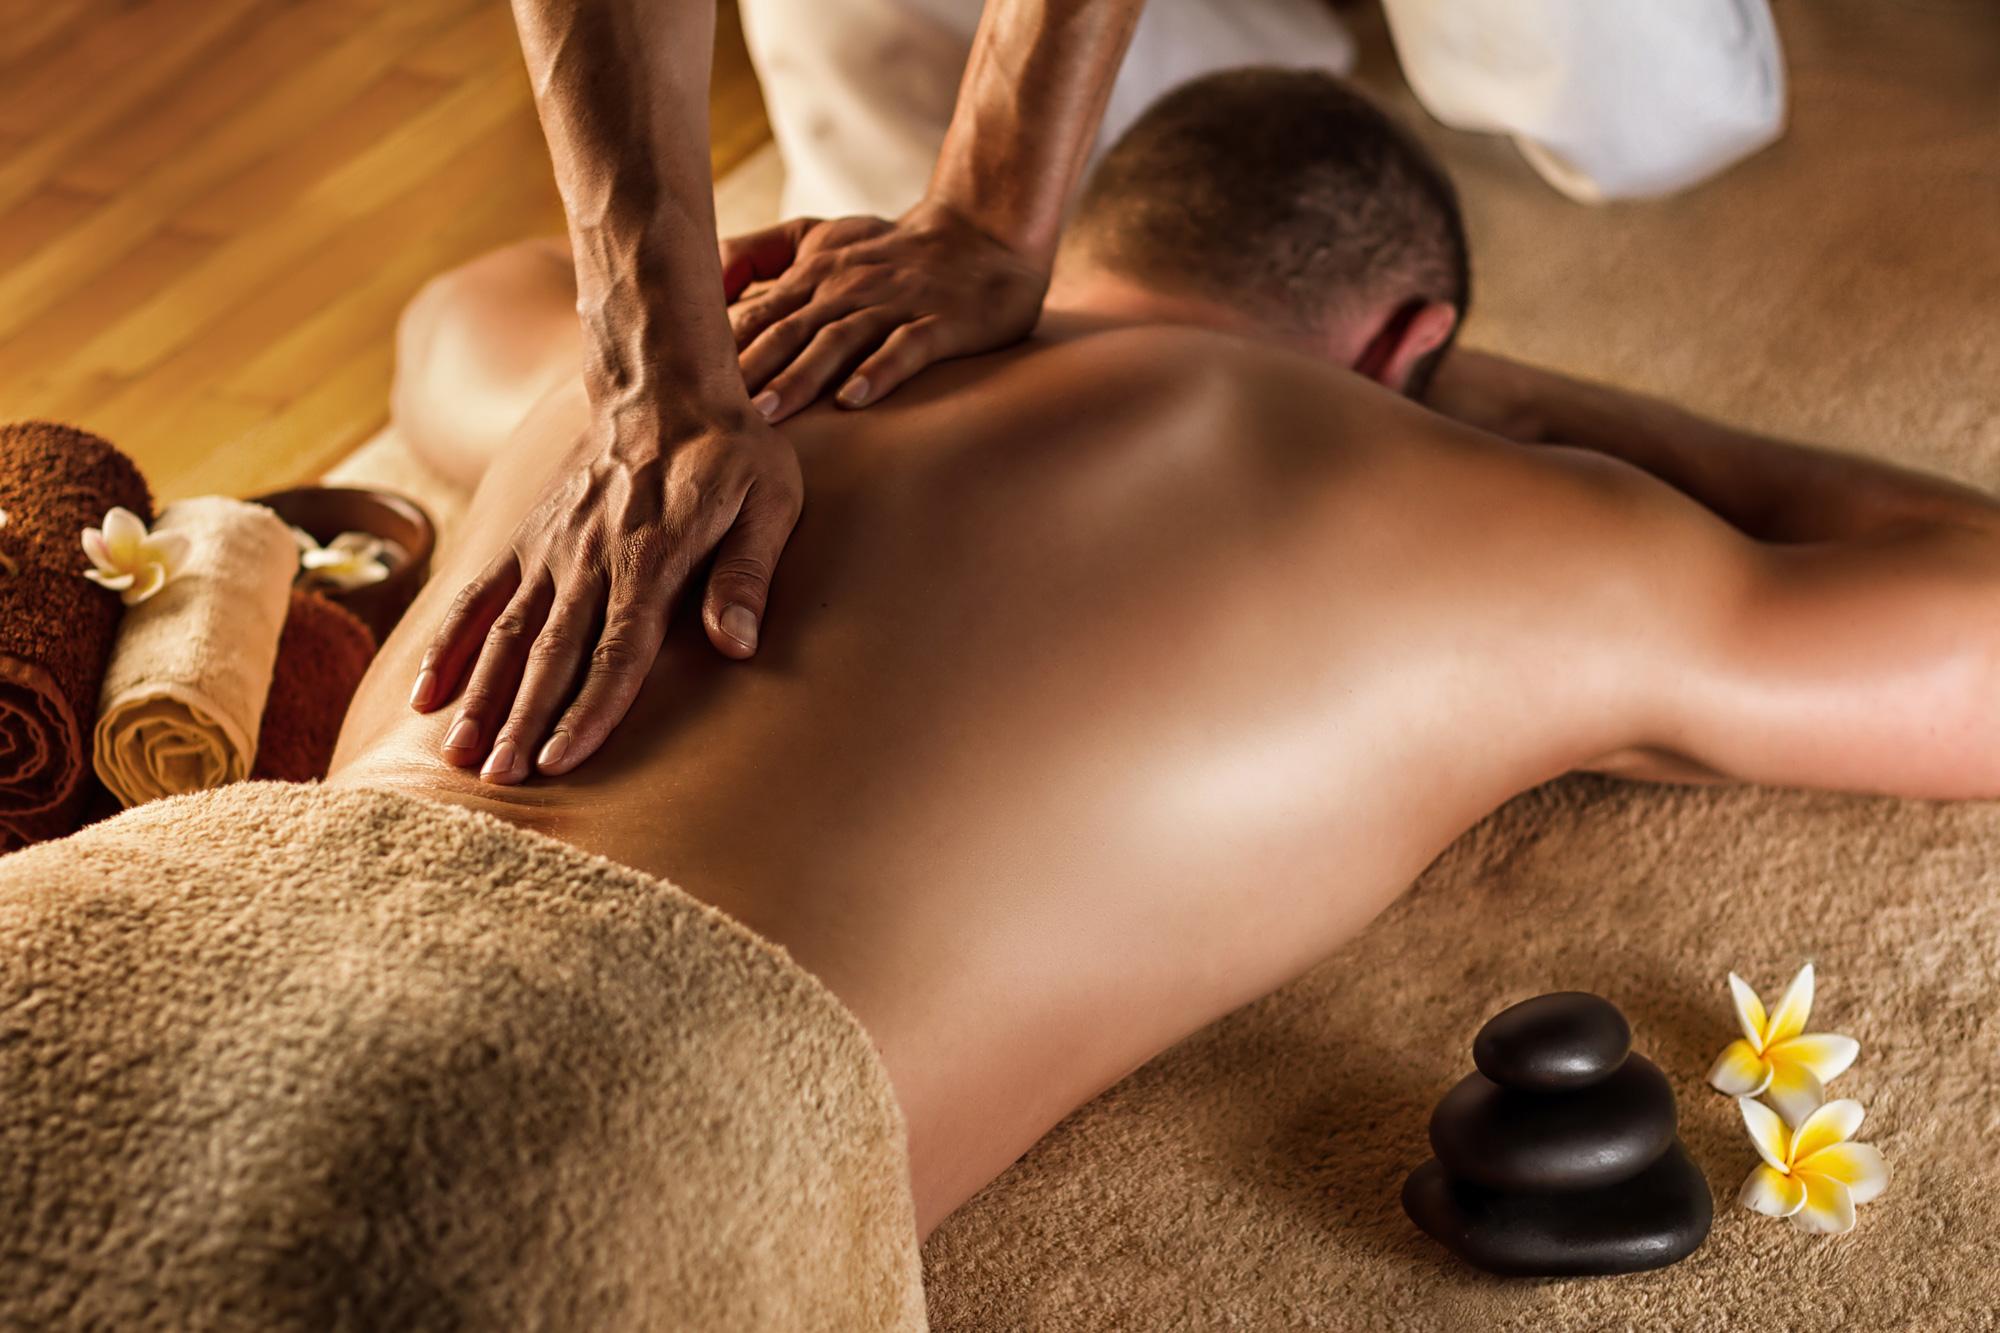 massage-by-sheldon-002-2000w.jpg